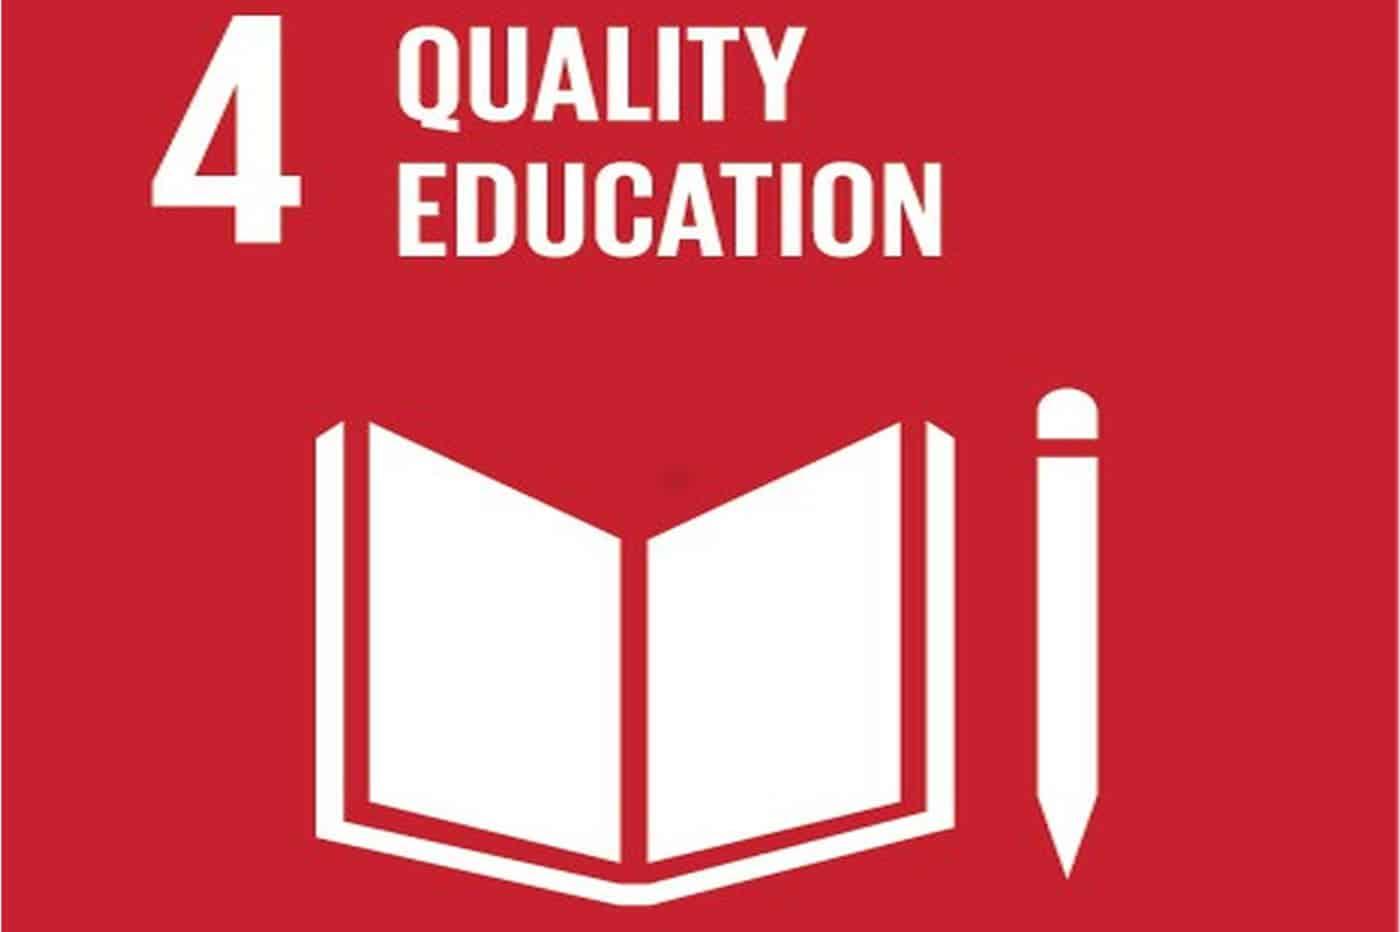 الجودة في التعليم